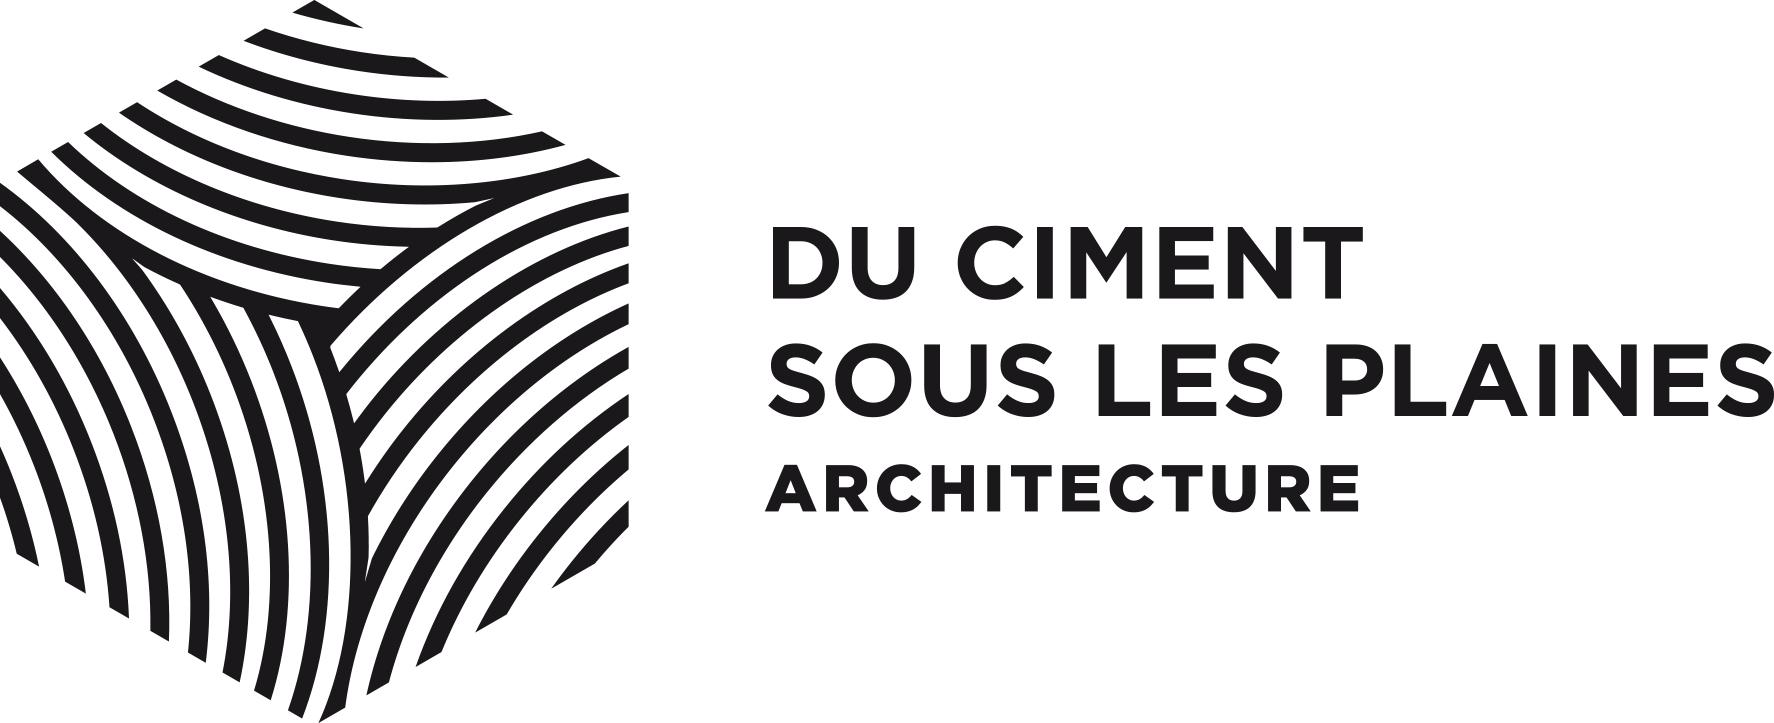 DU CIMENT SOUS LES PLAINES  -  ARCHITECTURE